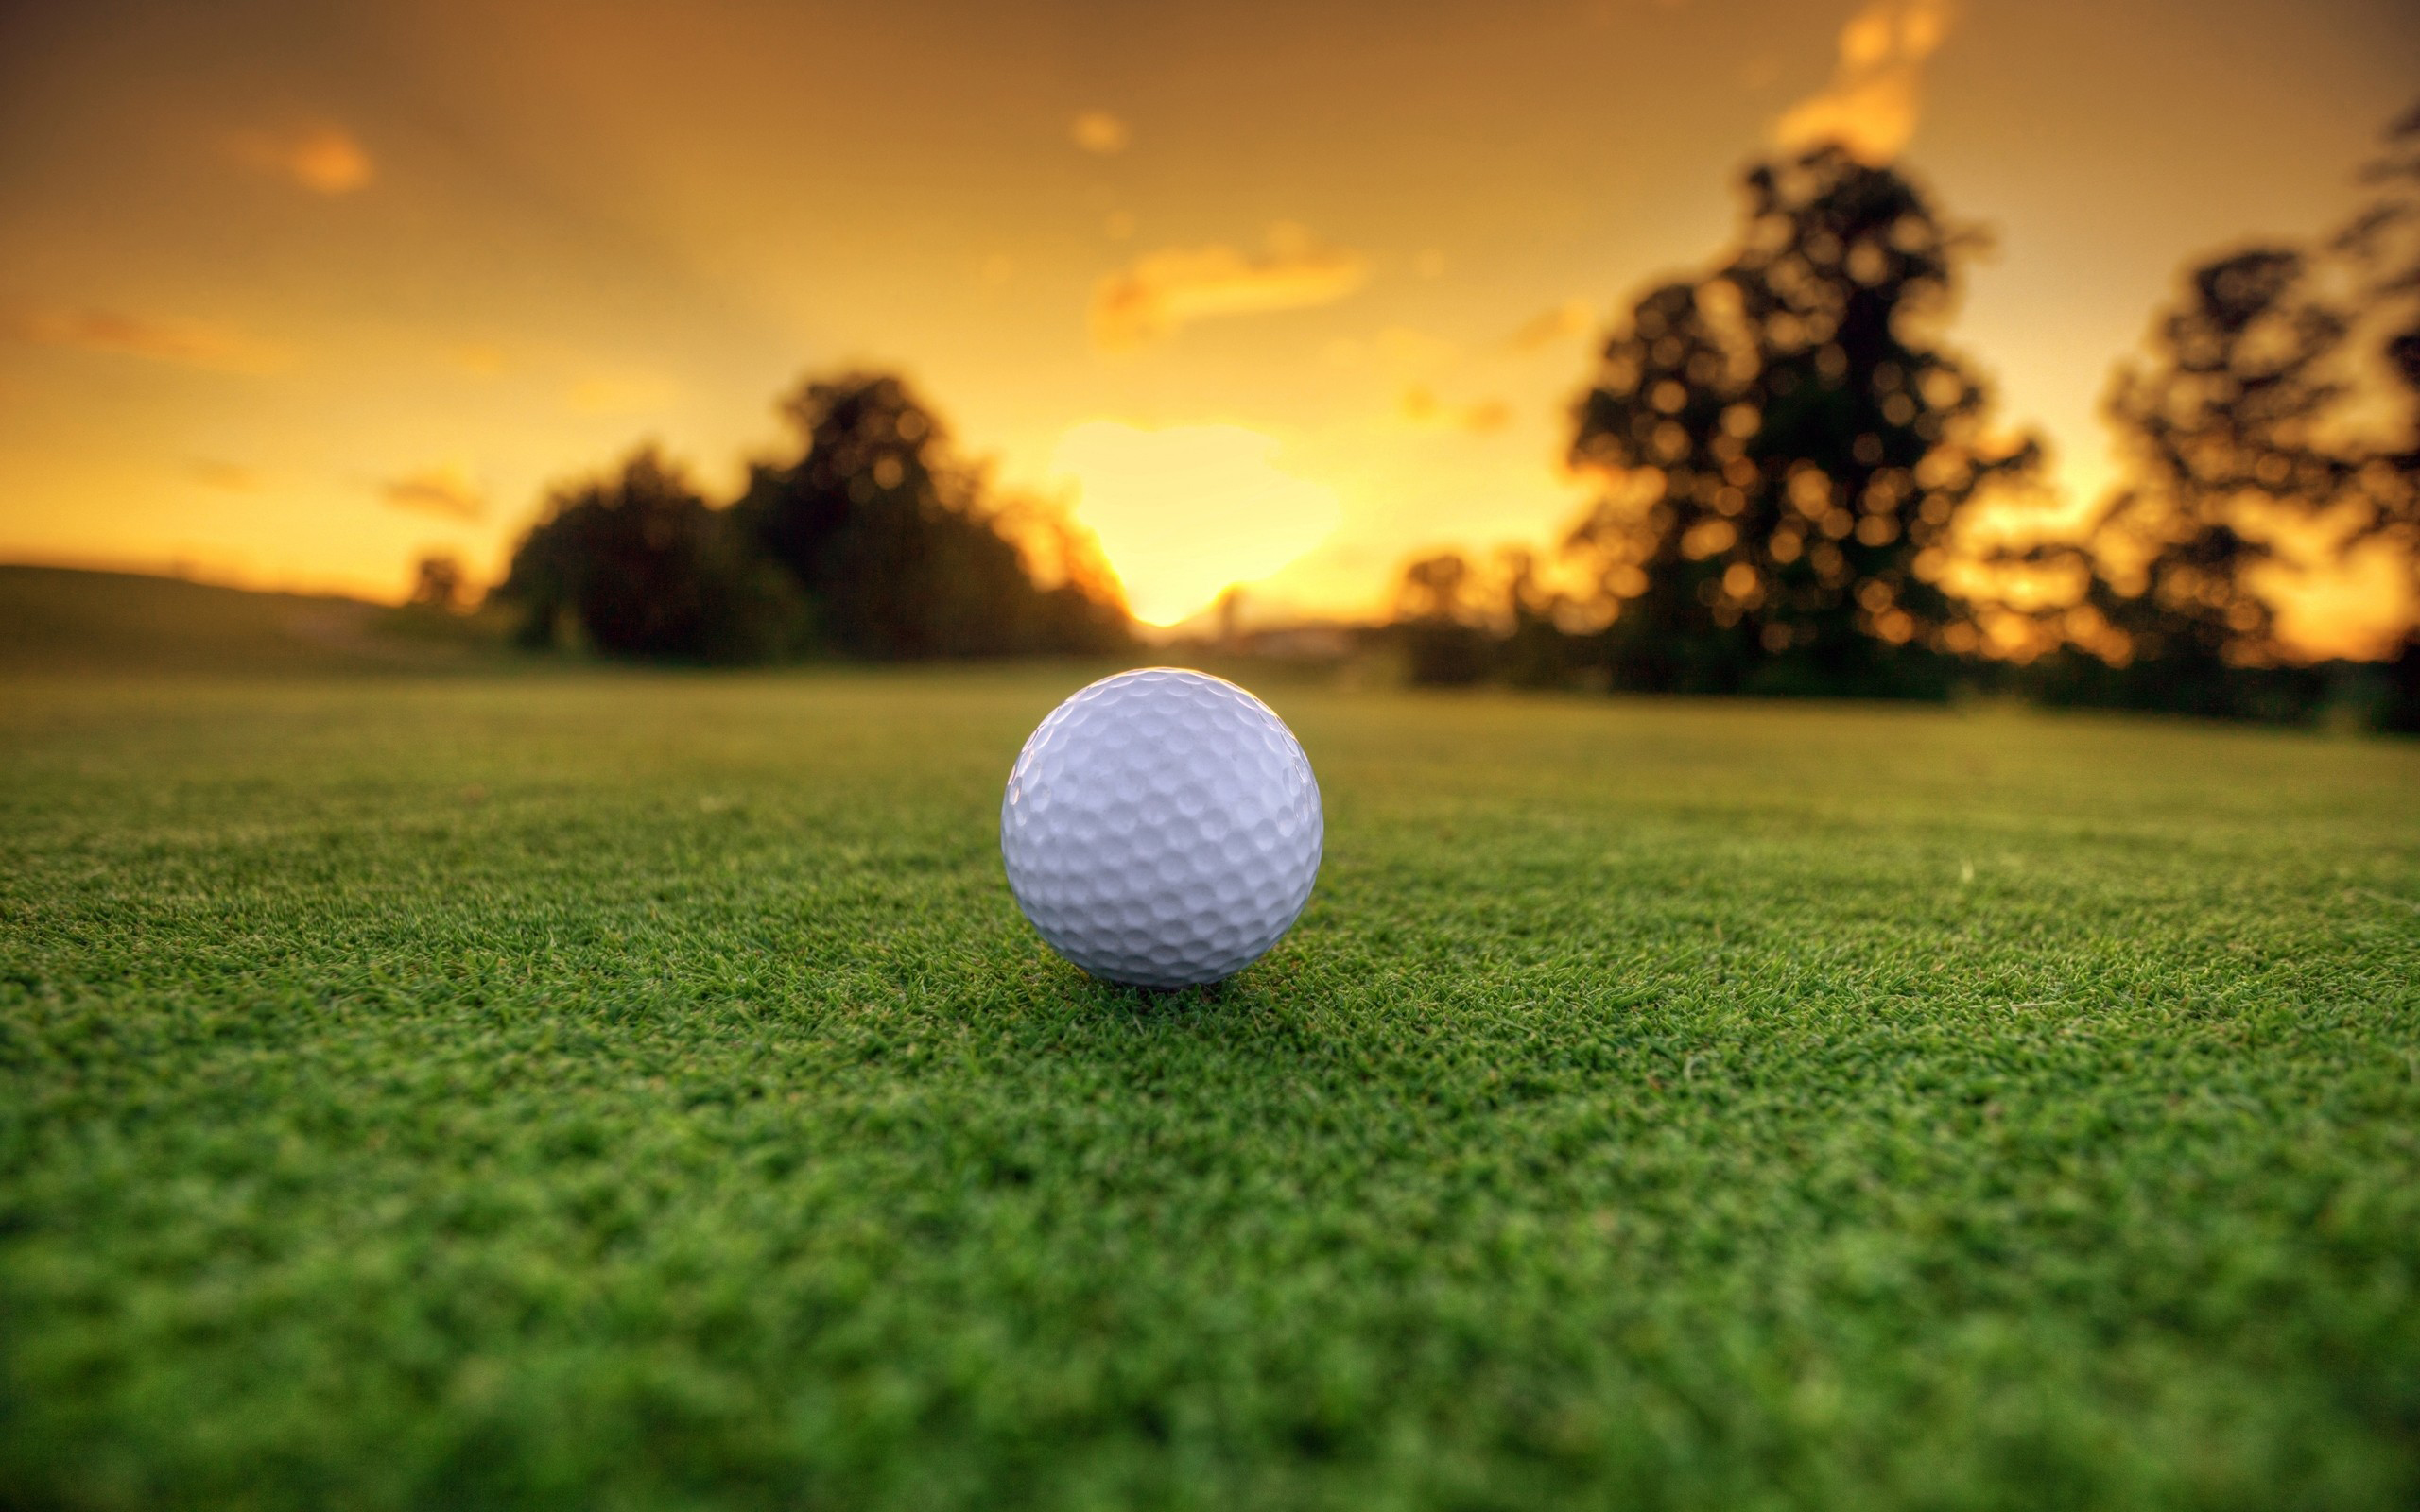 обои на рабочий стол игра гольф № 294464 бесплатно